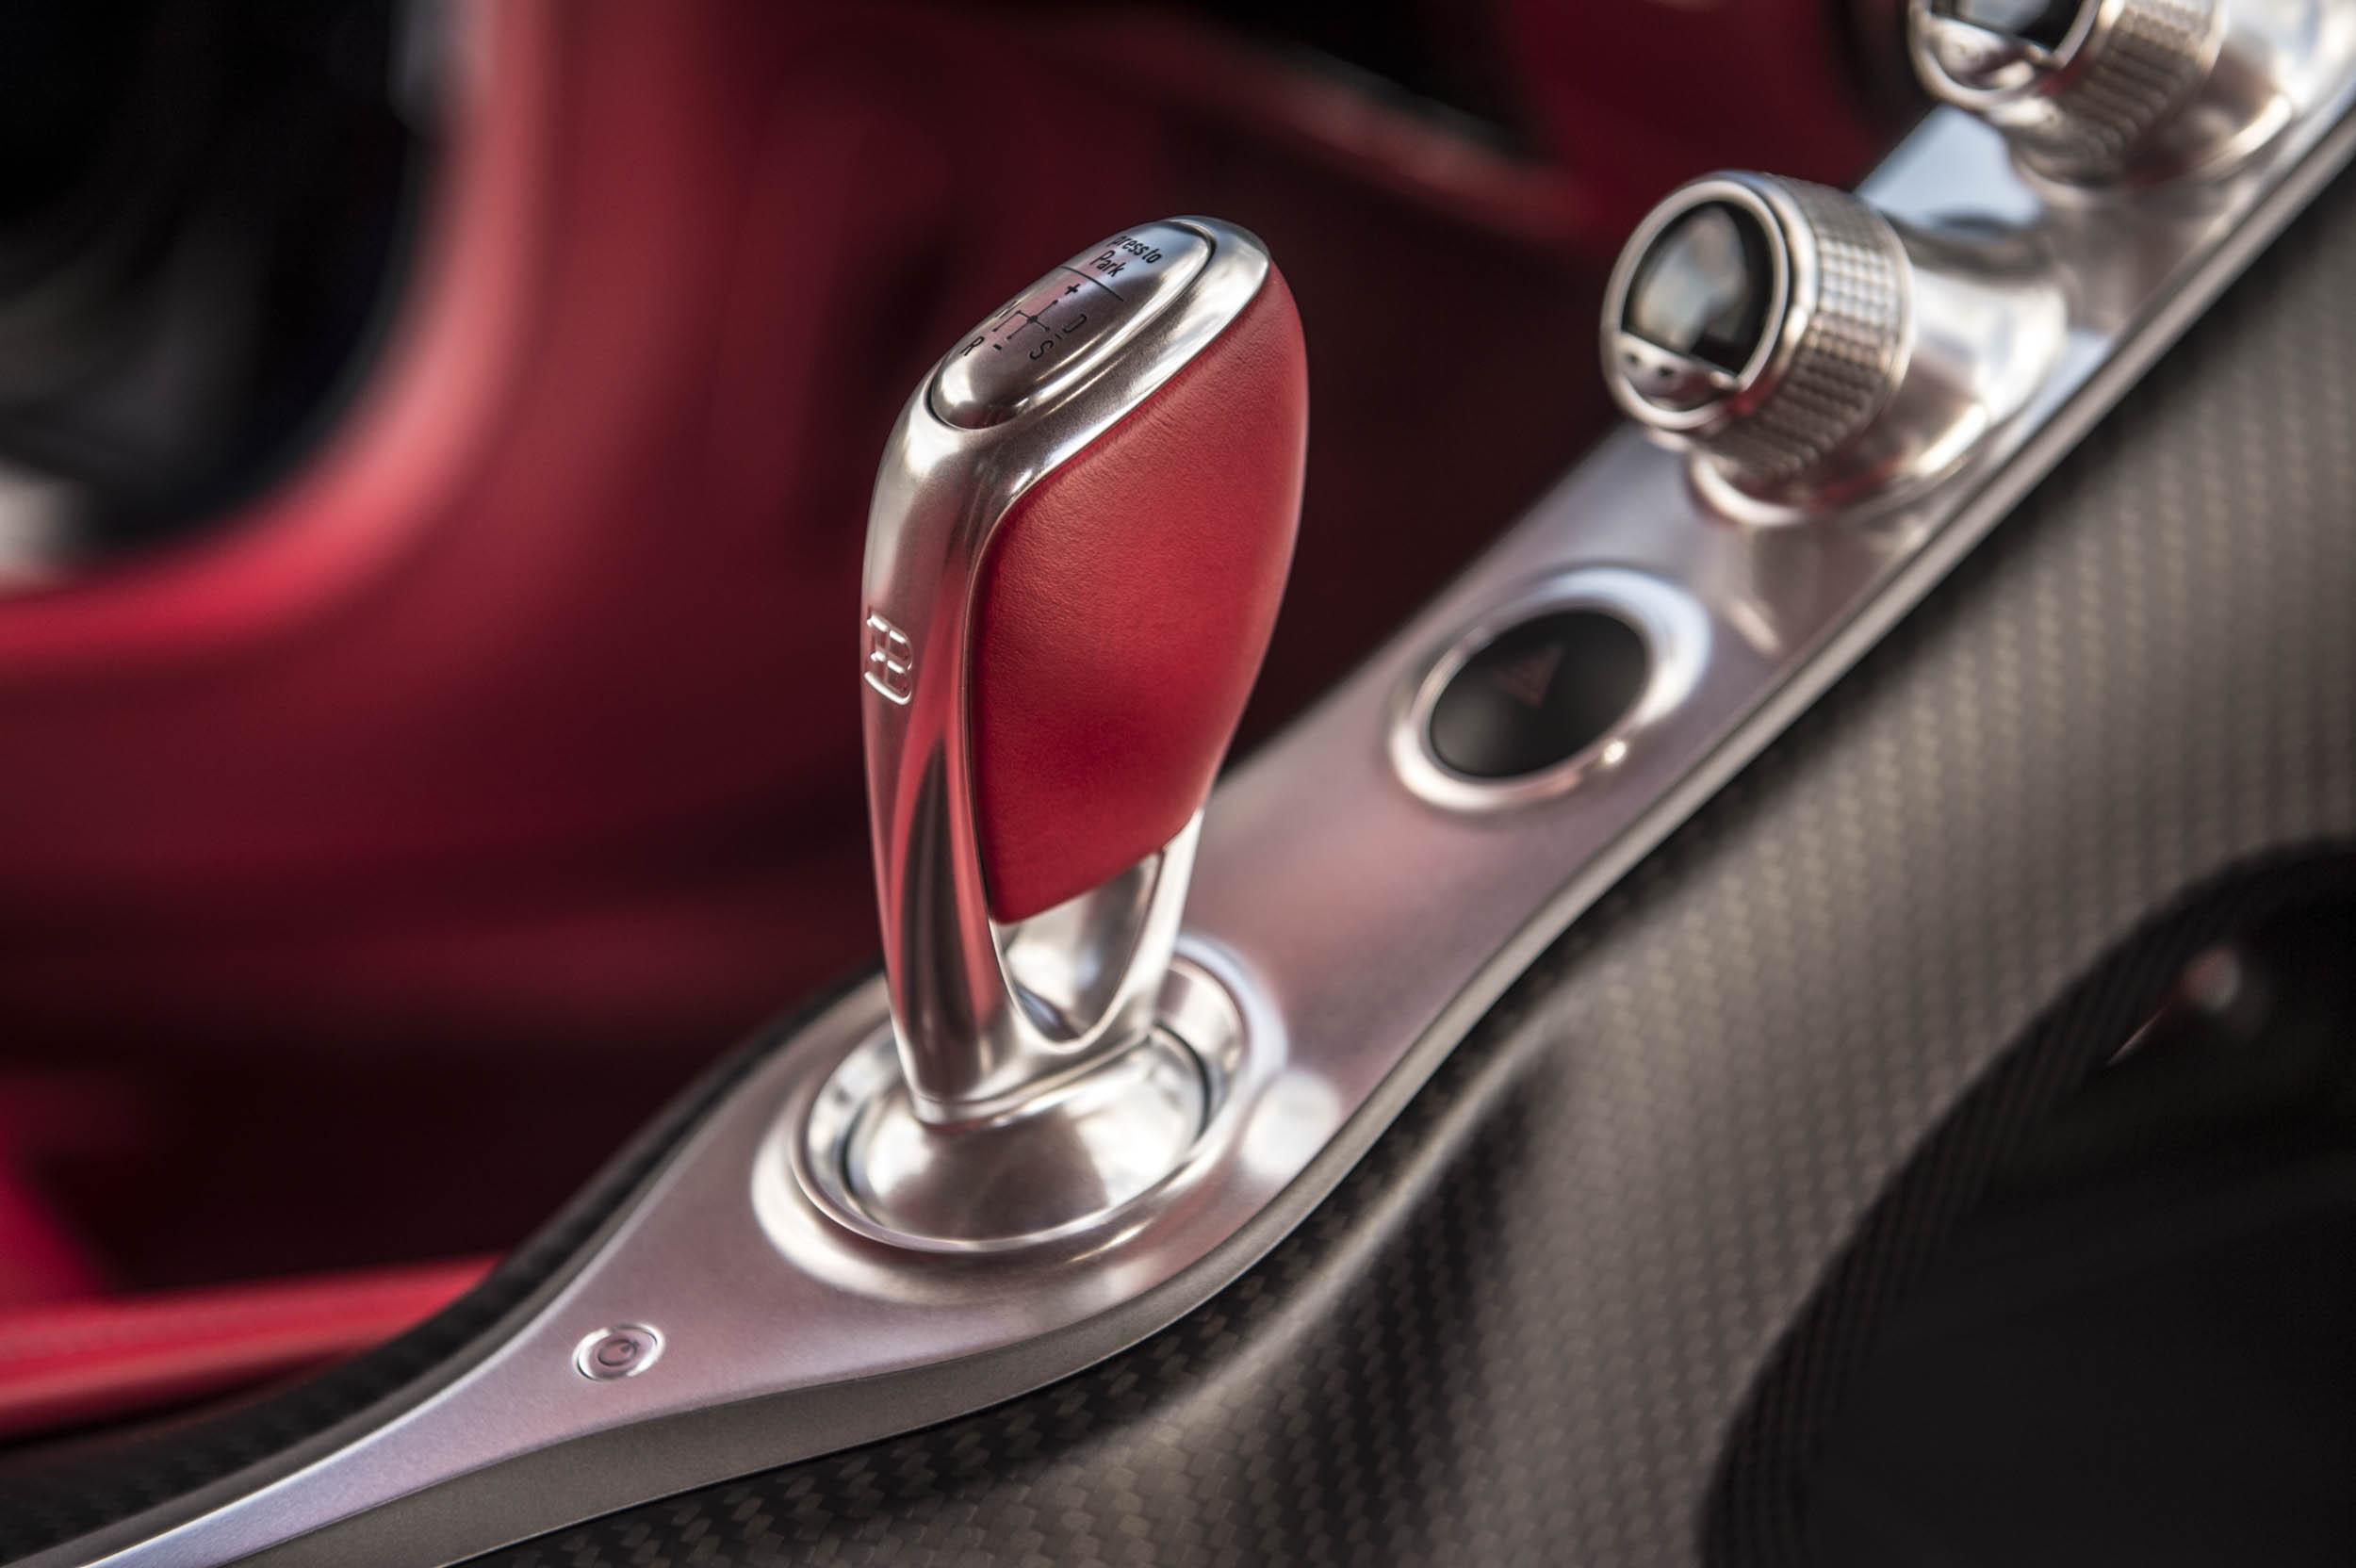 2018 Bugatti Chiron shifter knob